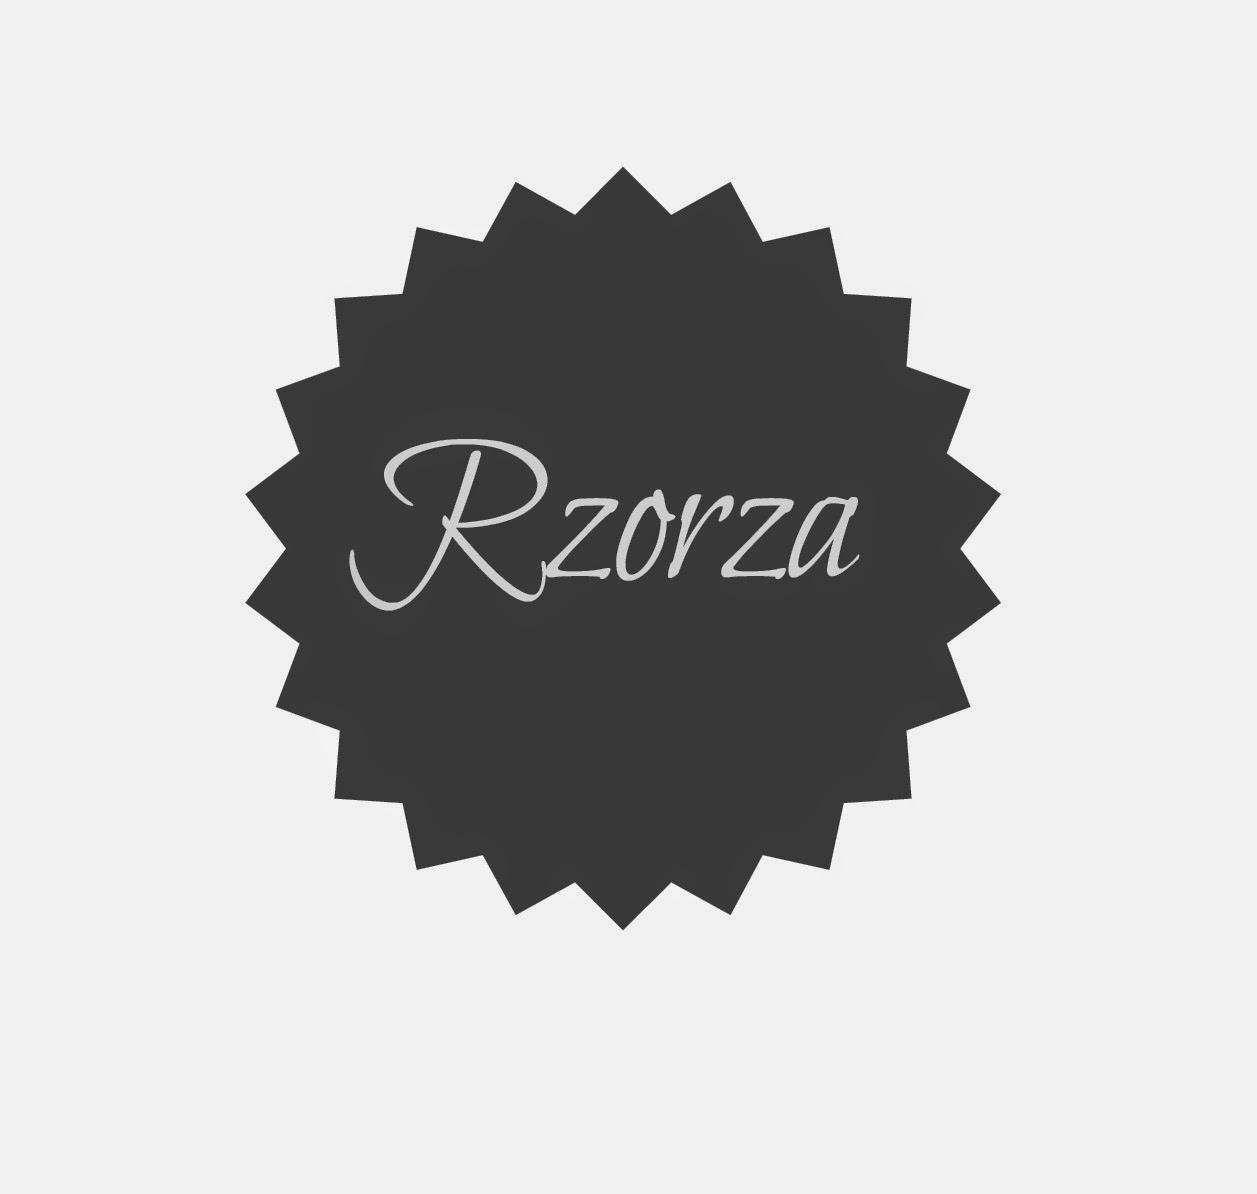 Rzorza